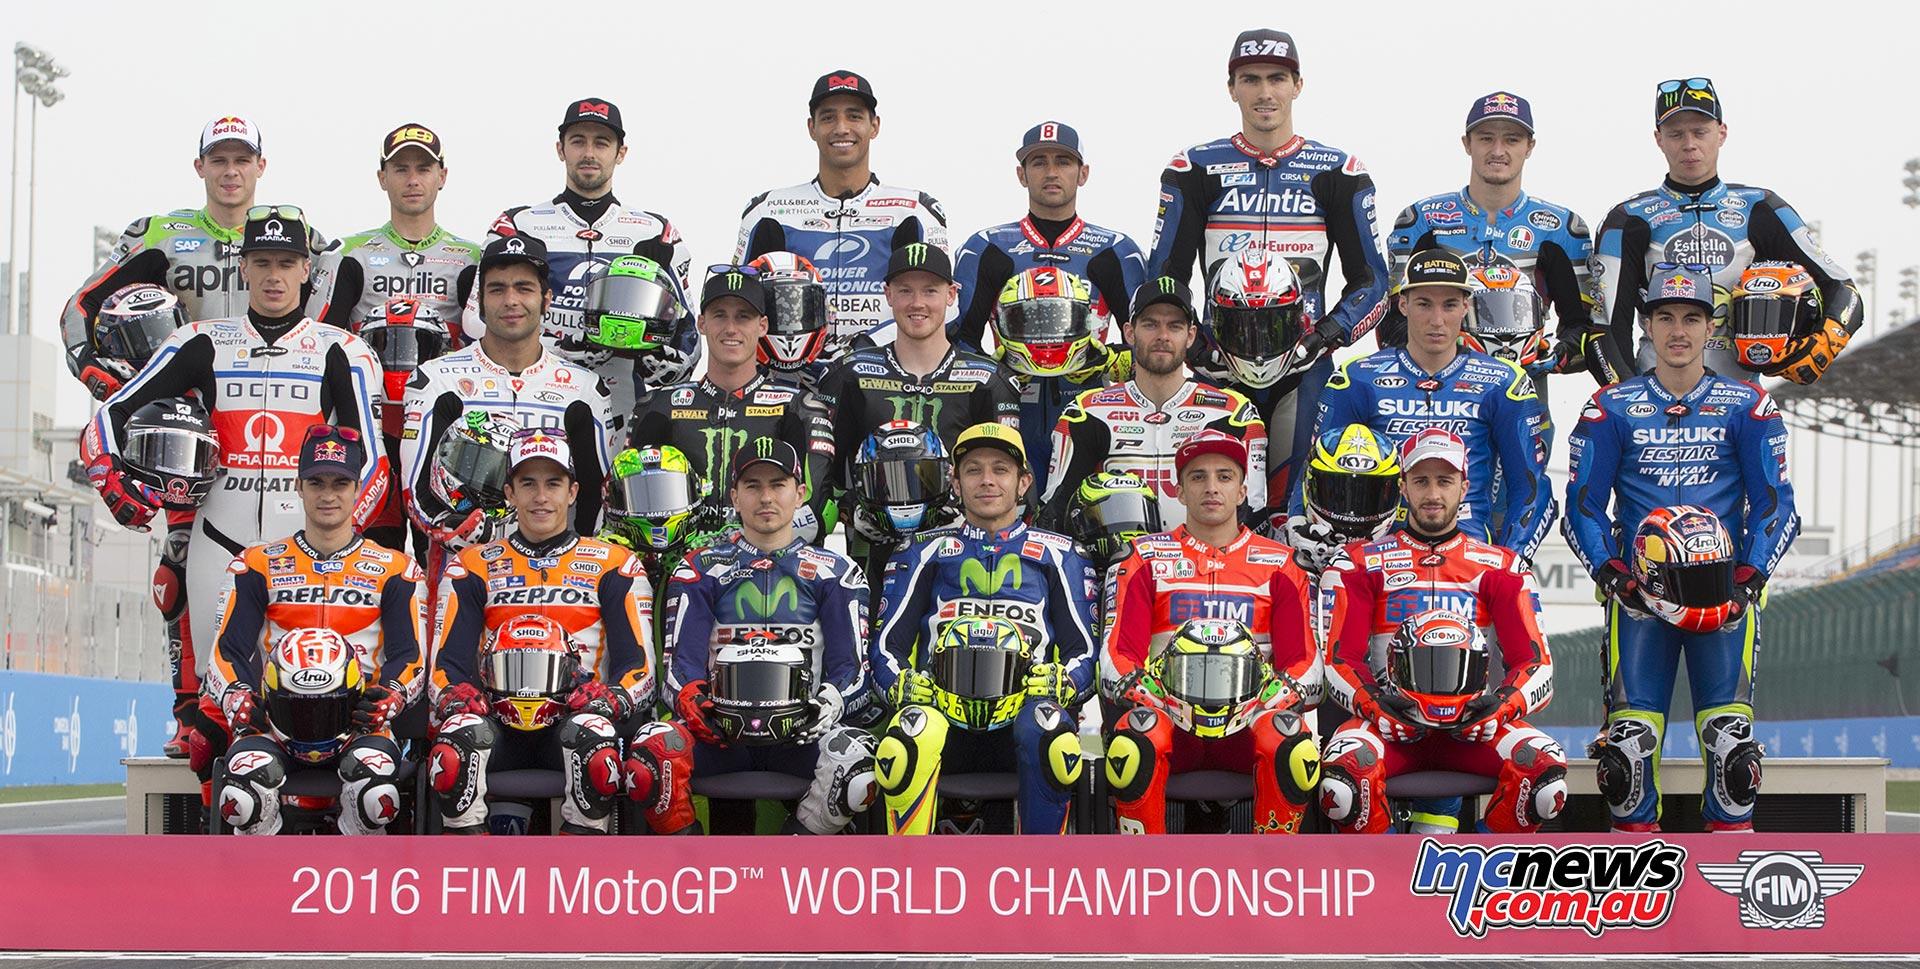 MotoGP 2016 Riders